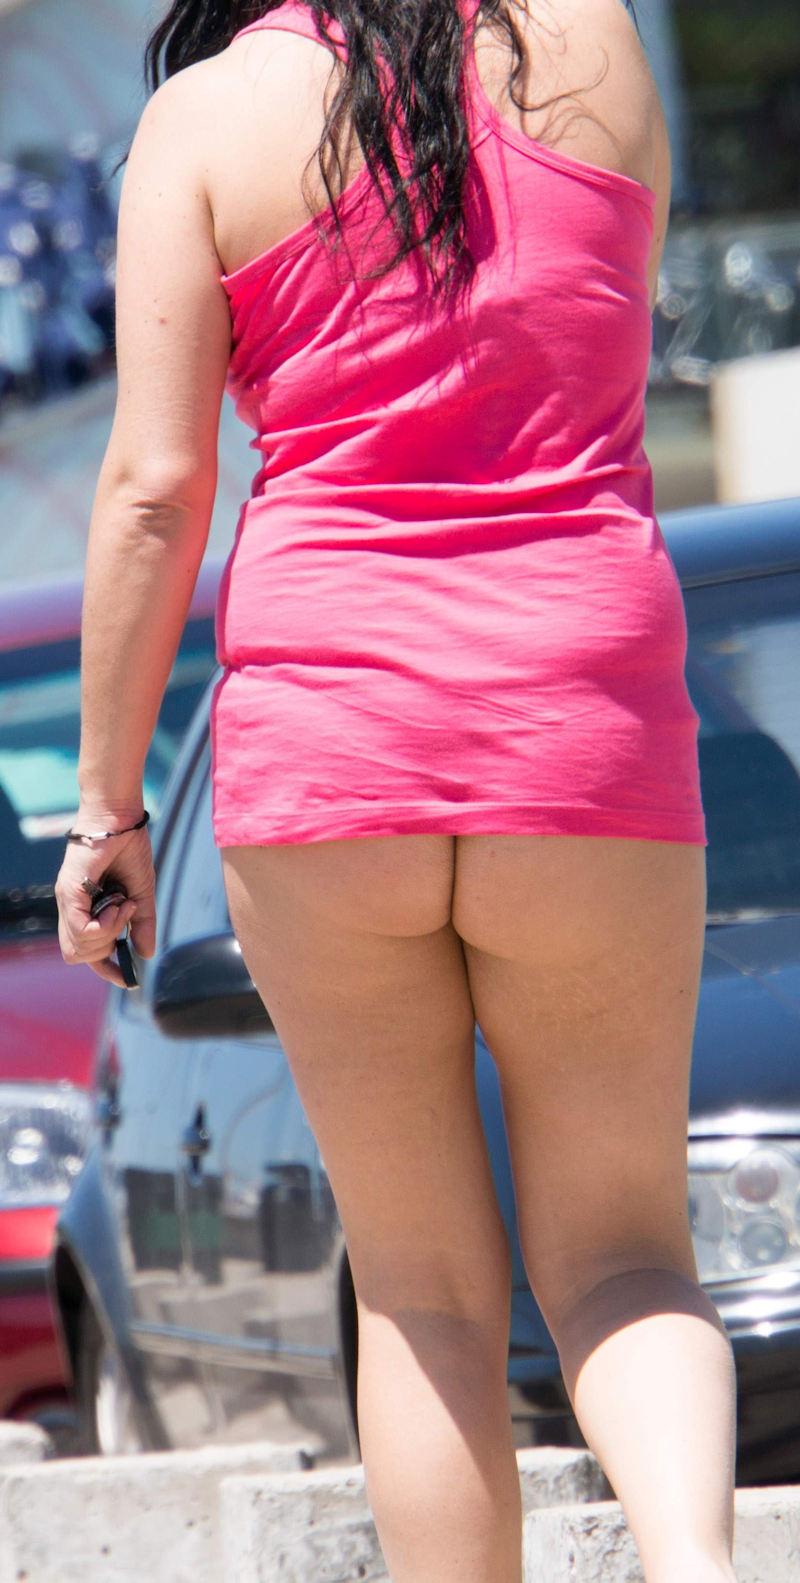 外国人エロ画像wこれヤバすぎるwwwミニスカートからはみけつ見せちゃうポルノwwwwwww 2 121